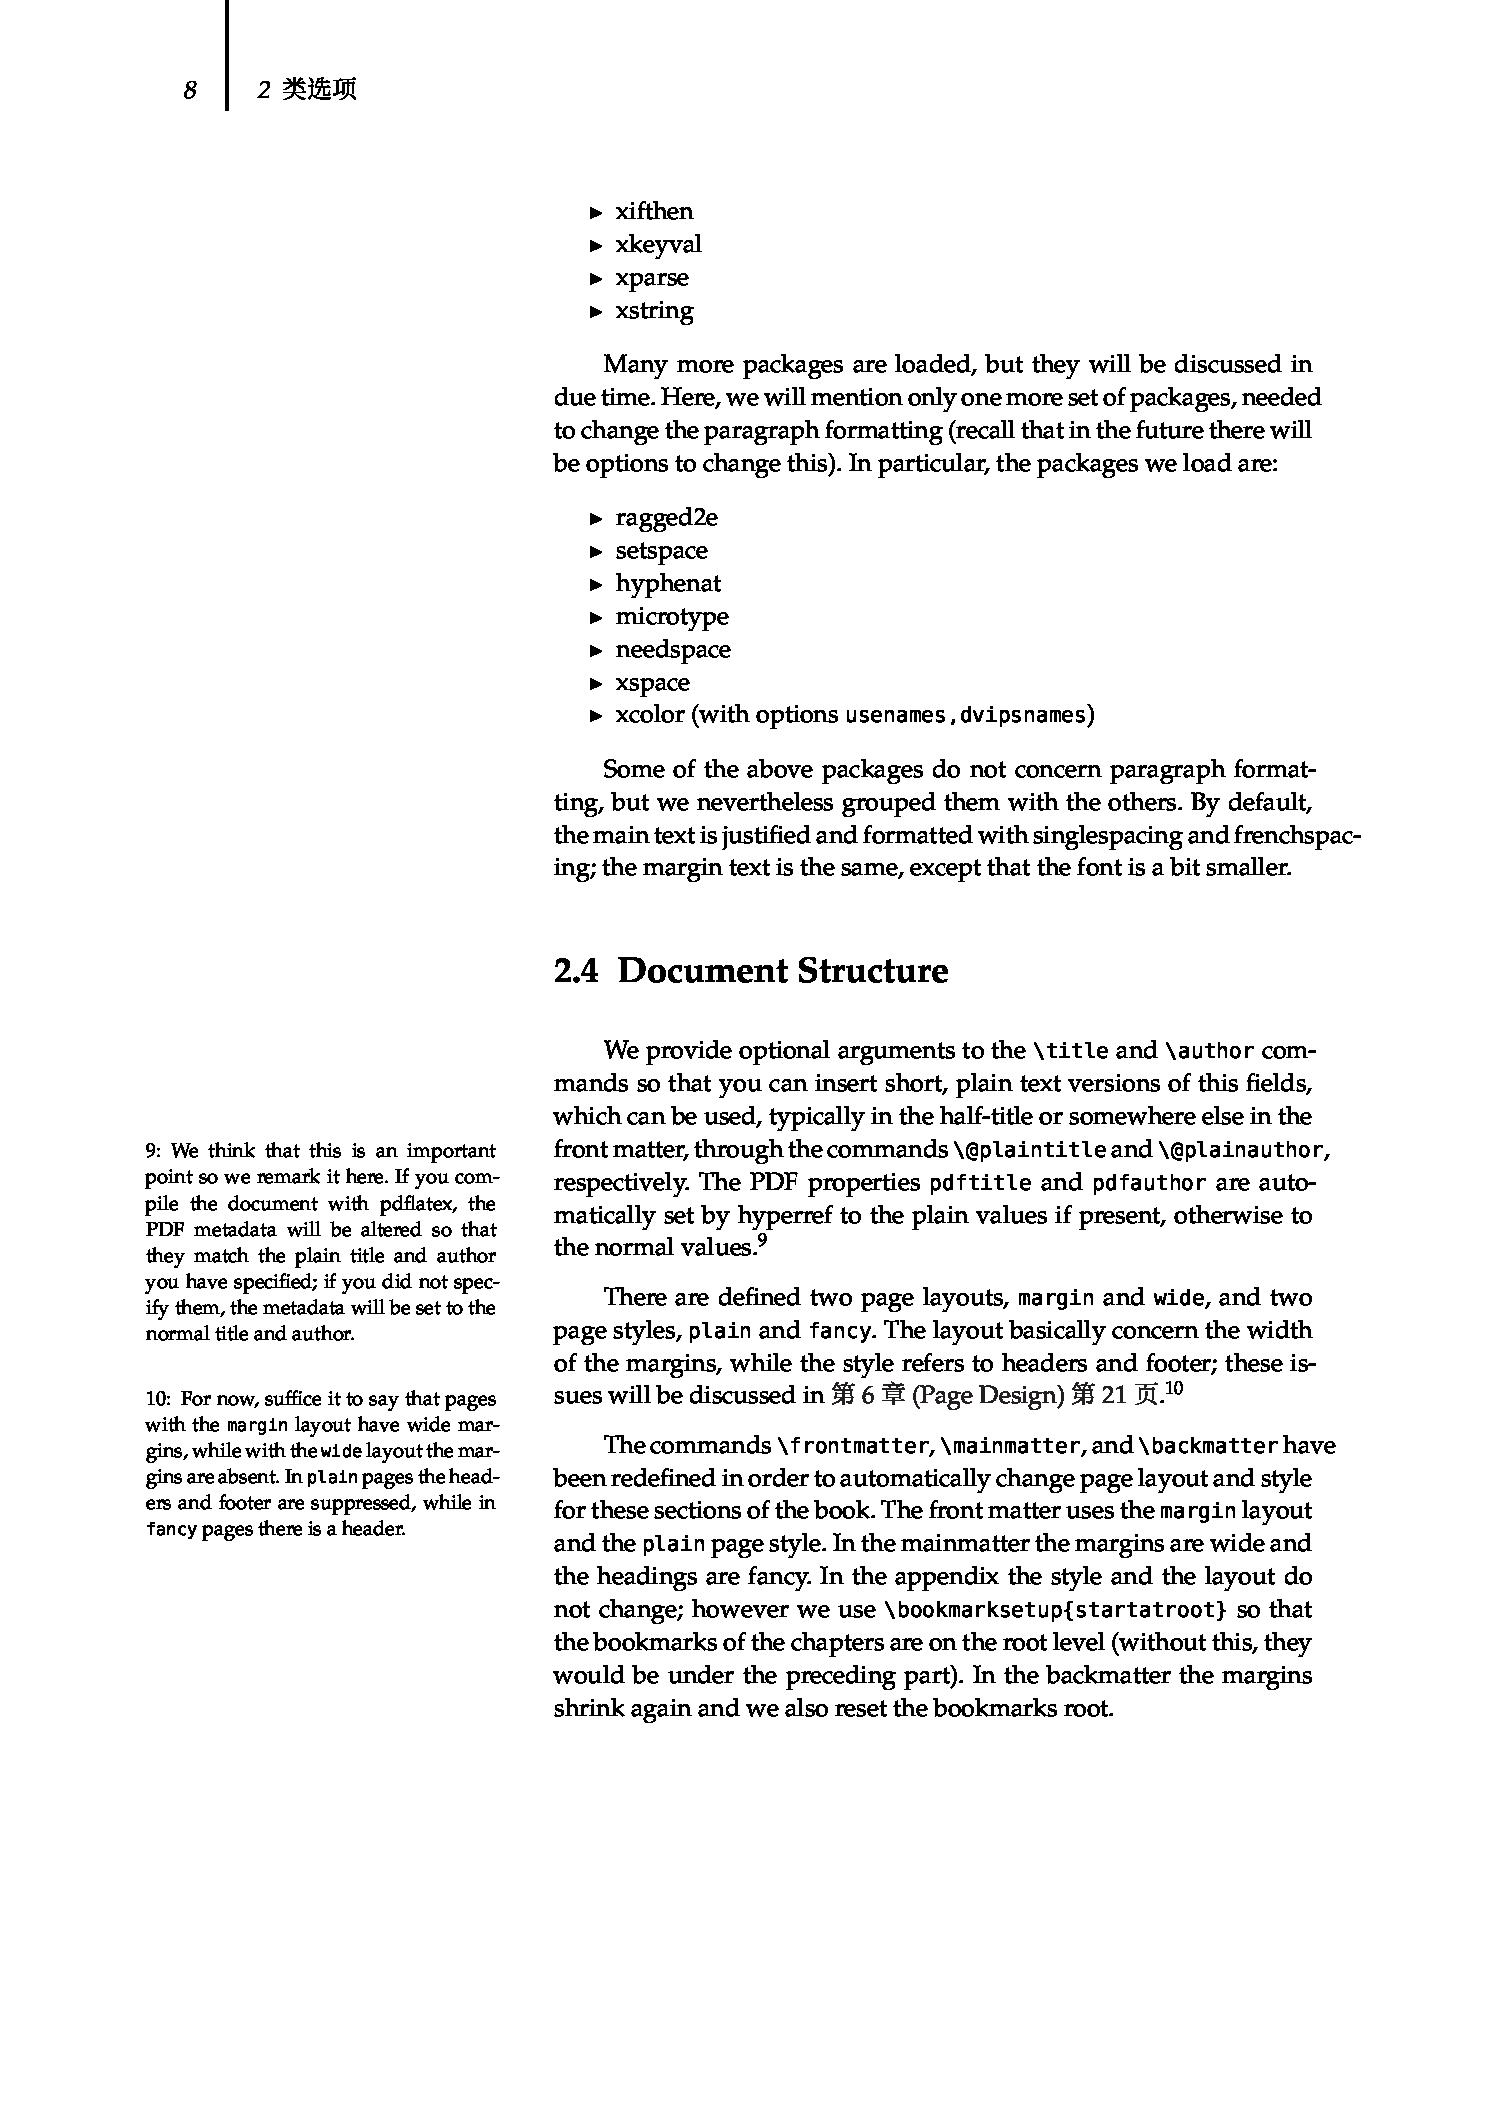 美美哒书籍 LaTeX 模板汉化版